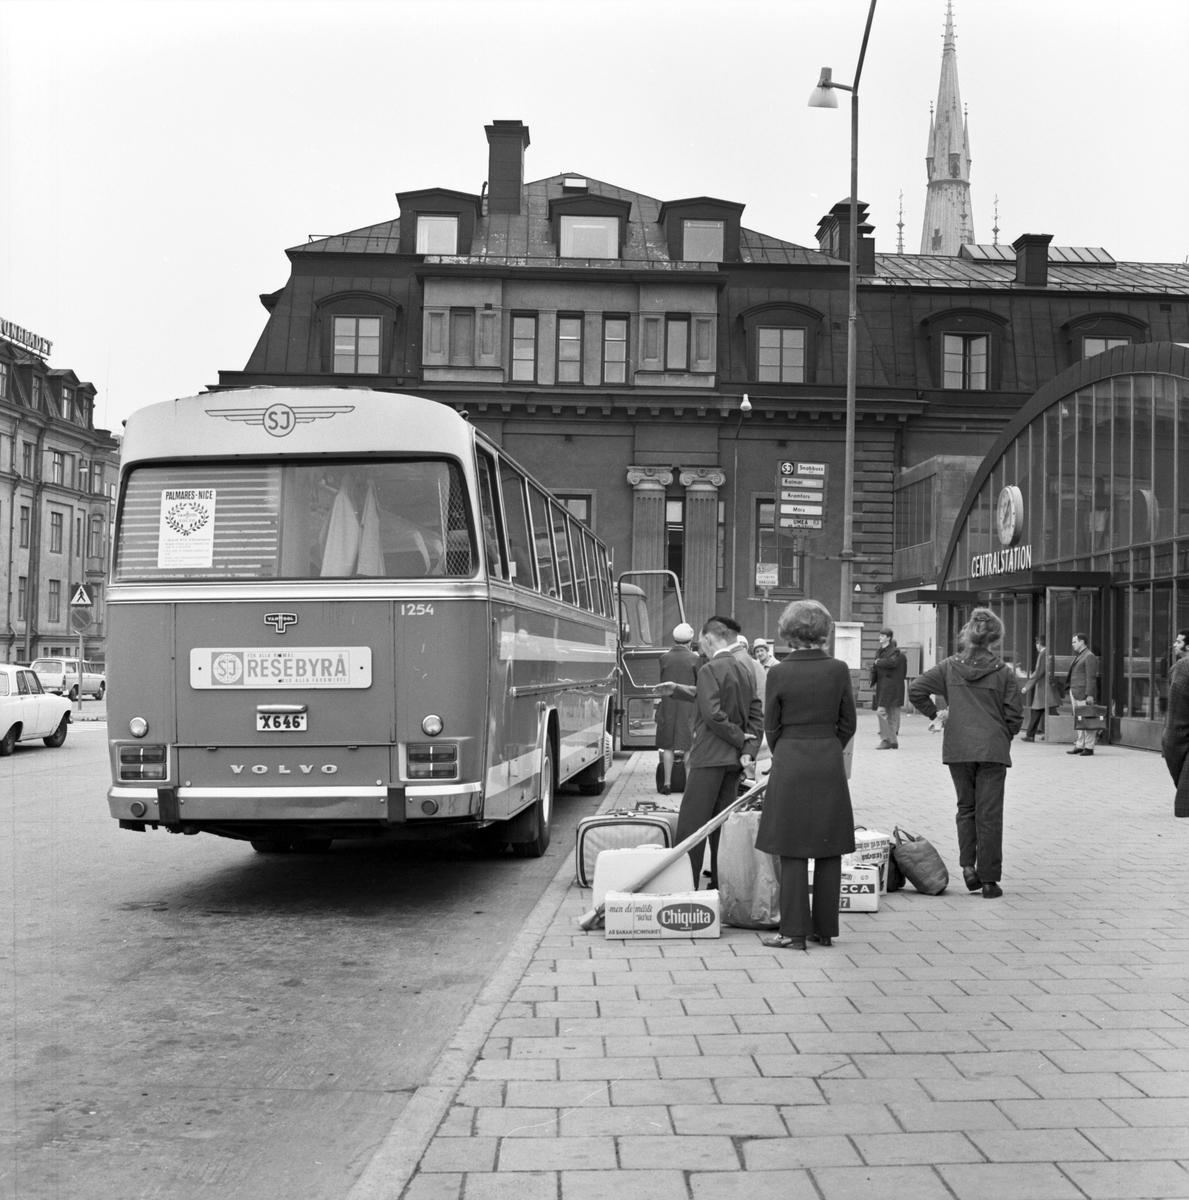 SJ, Statens Järnvägars bussterminal, Klarabergsviadukten